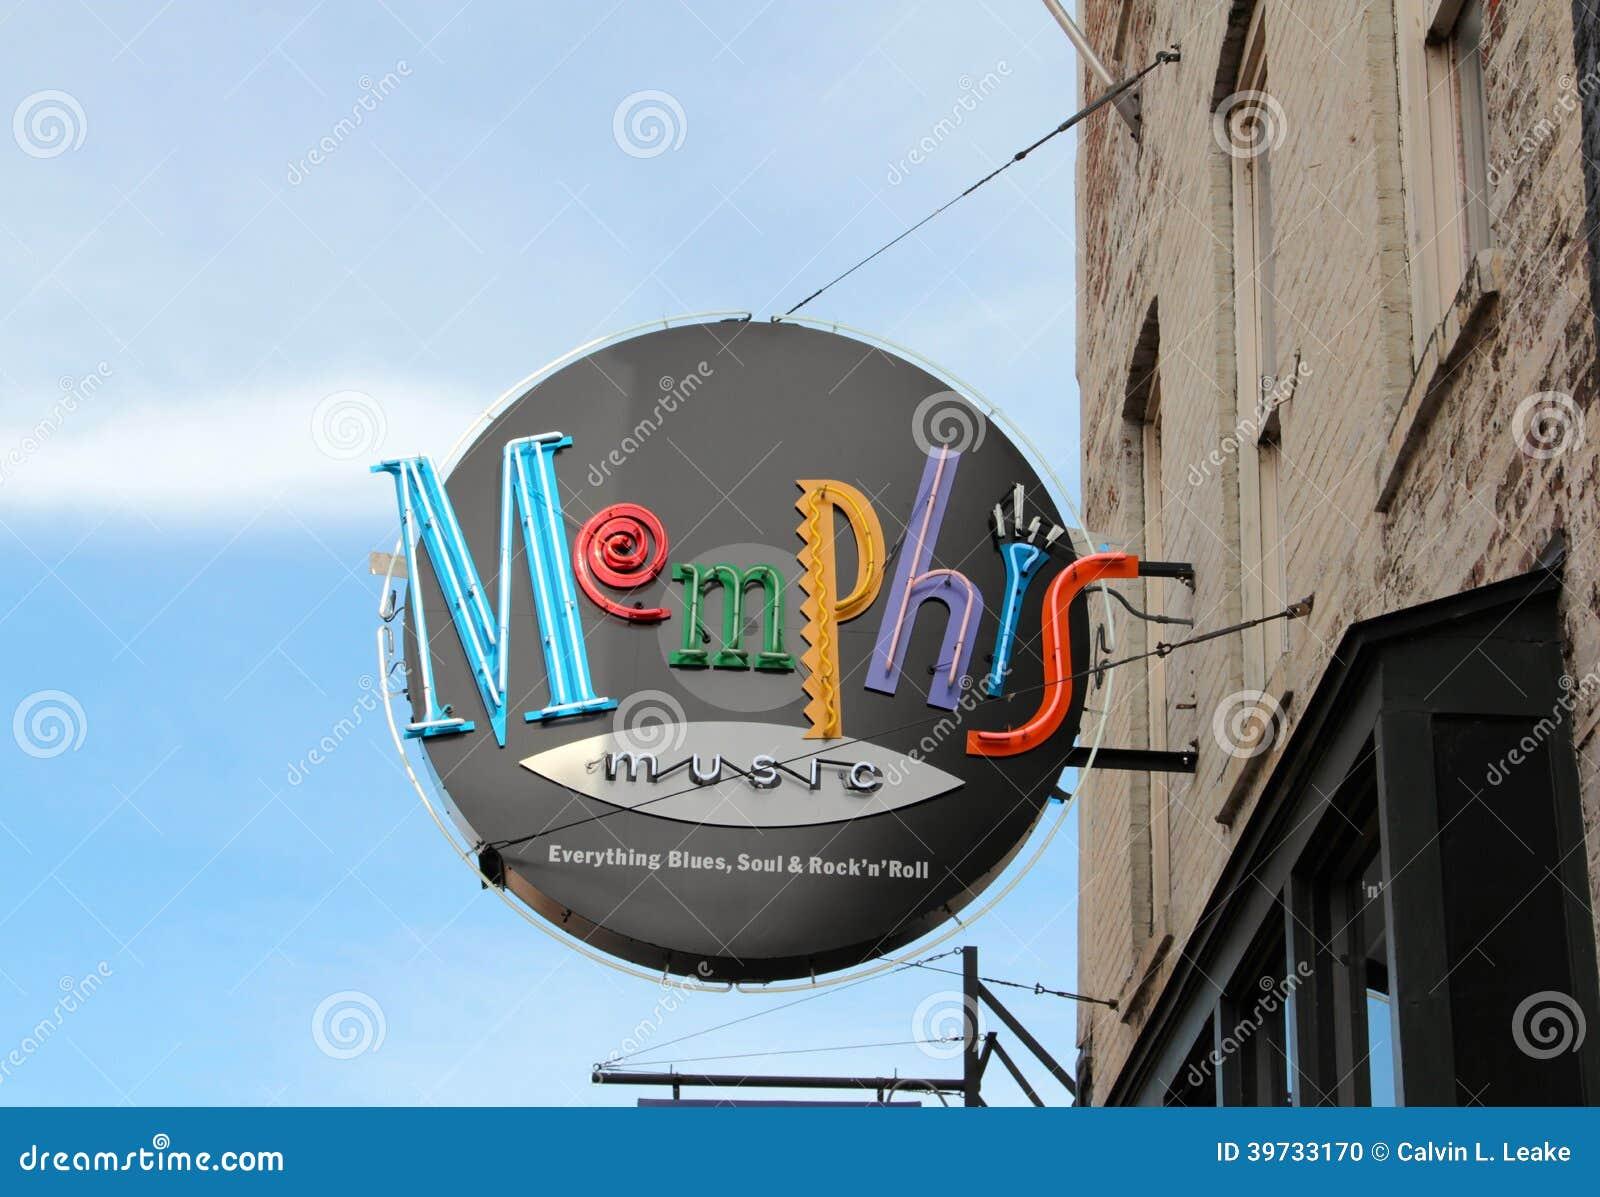 Син Мемфиса и улица Мемфис Beale джаз-клуба, Теннесси